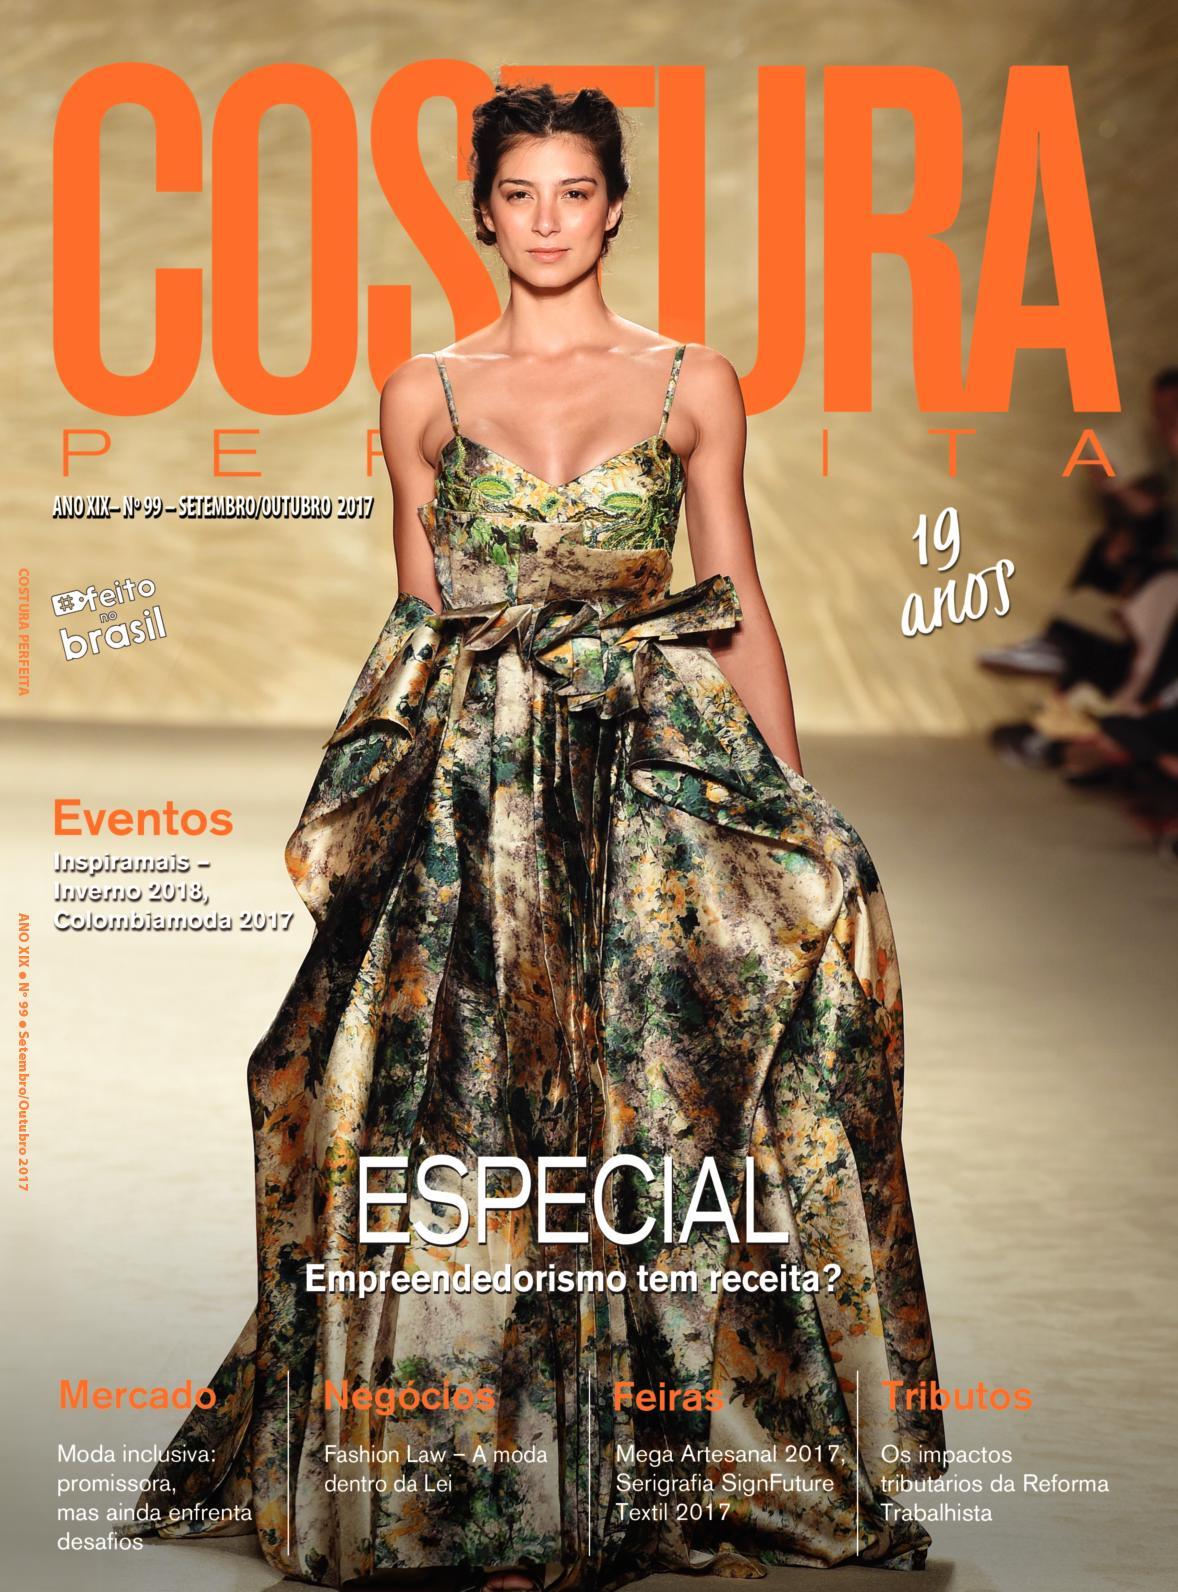 d5f7d4780927b Calaméo - Revista Costura Perfeita Edição Ano XIX - N99 - Setembro -  Outubro 2017